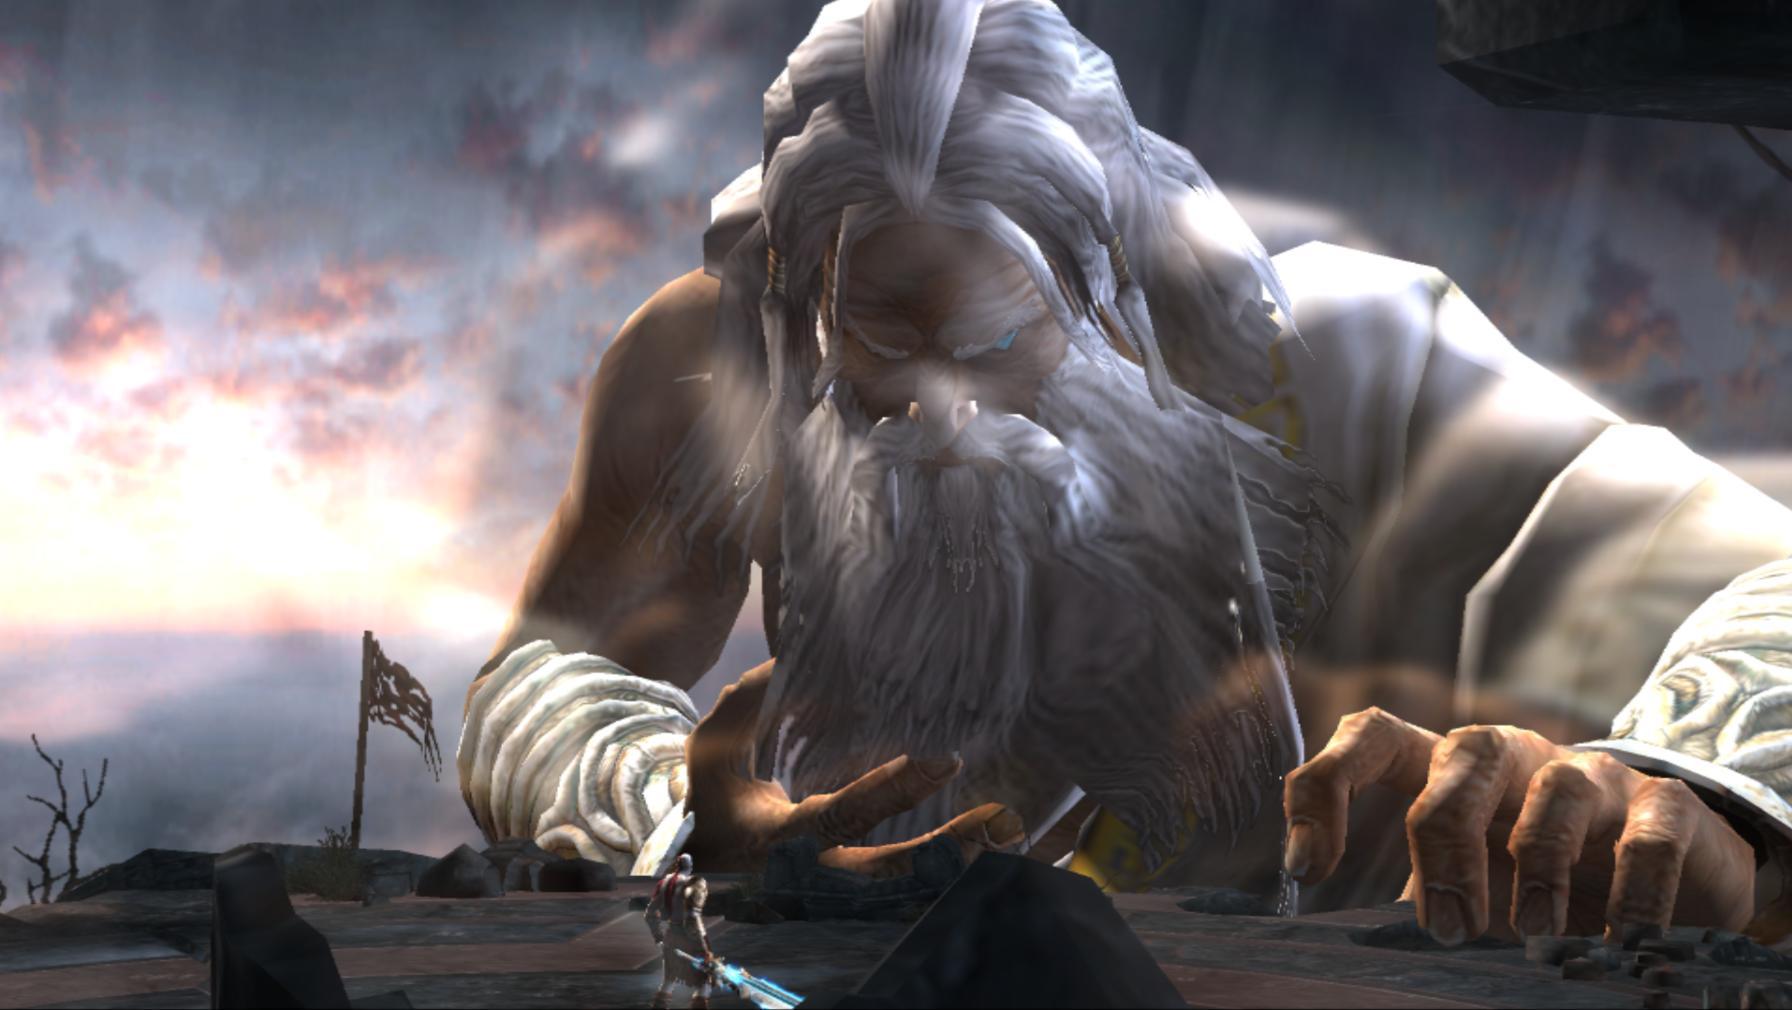 1648972-god_of_war_ii__86_